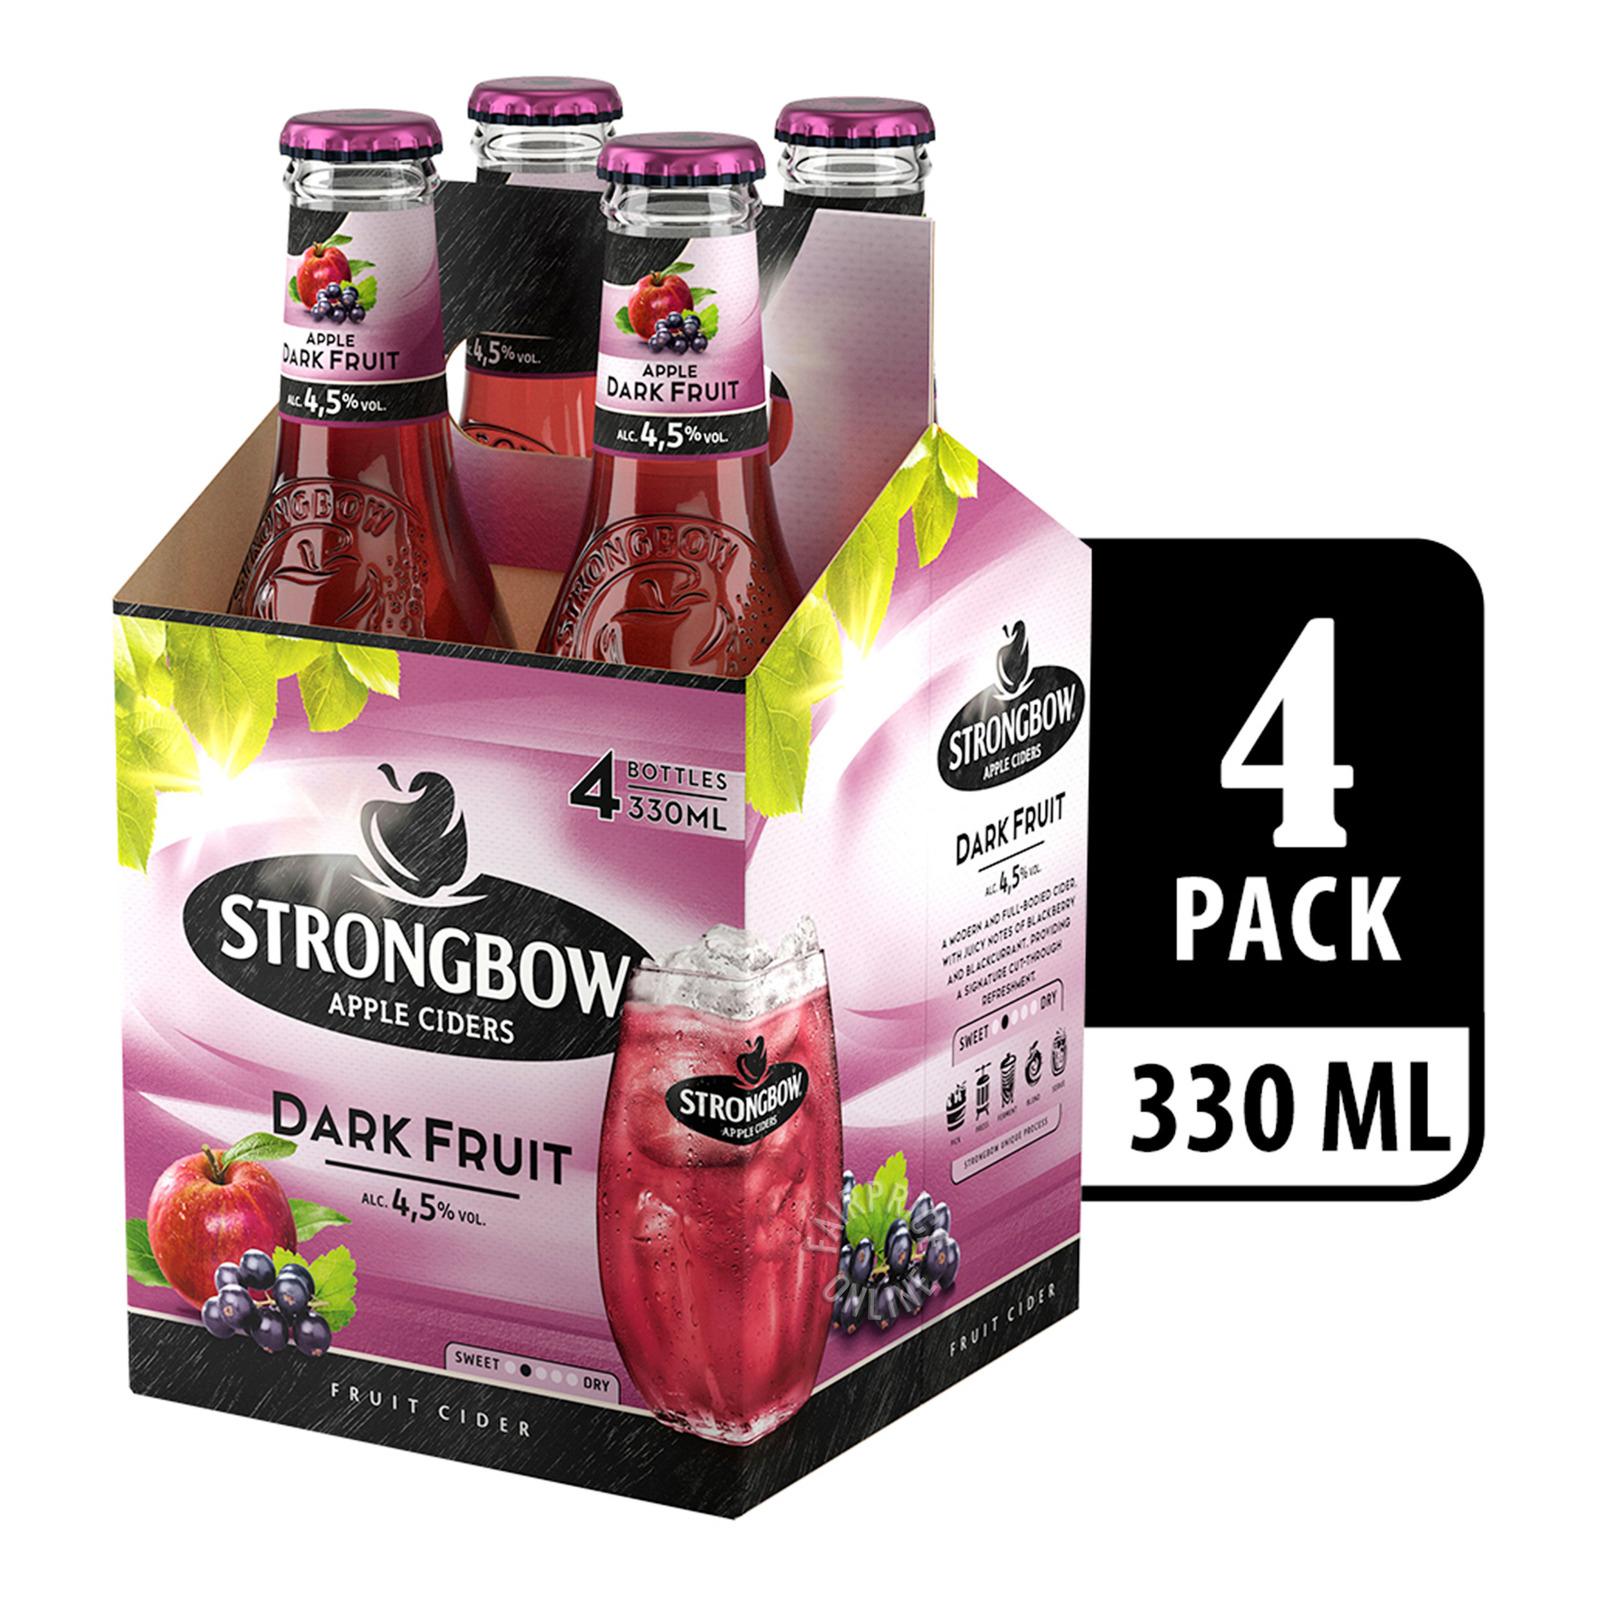 Strongbow Apple Bottle Cider - Dark Fruit